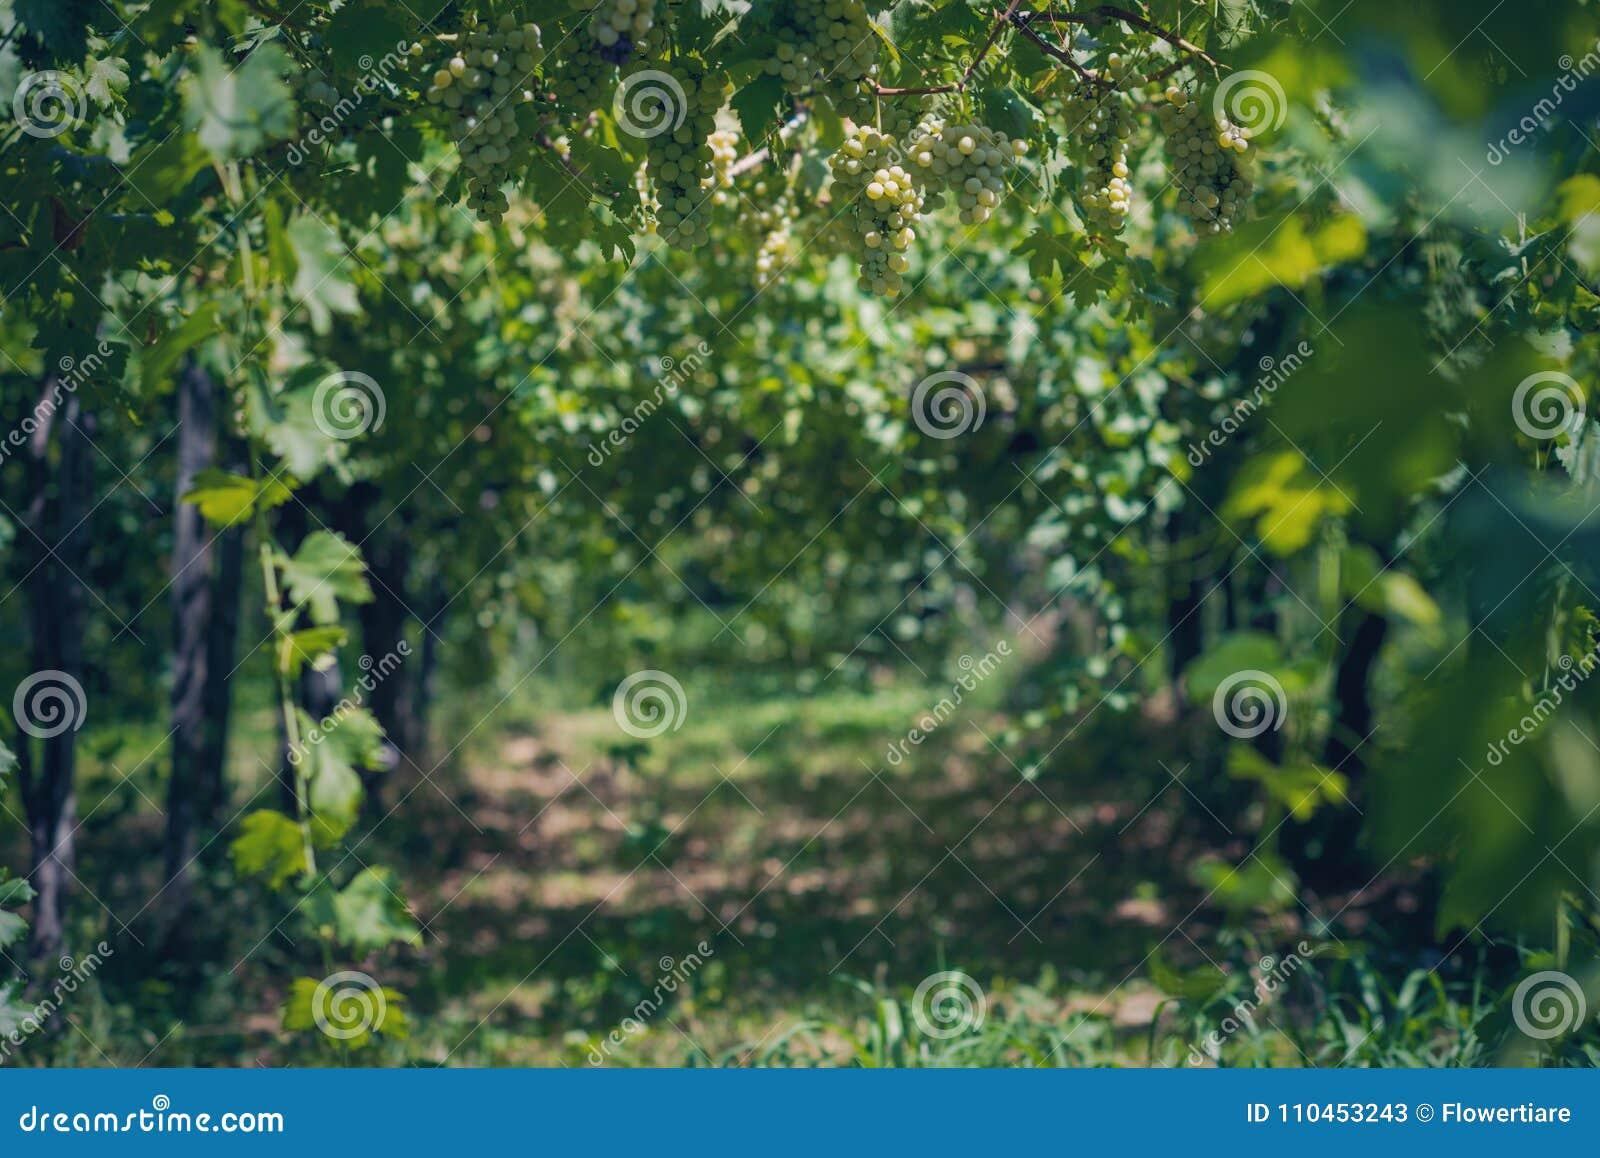 Vingård i sommar Stäng sig upp av grupp av druvor och vinrankor